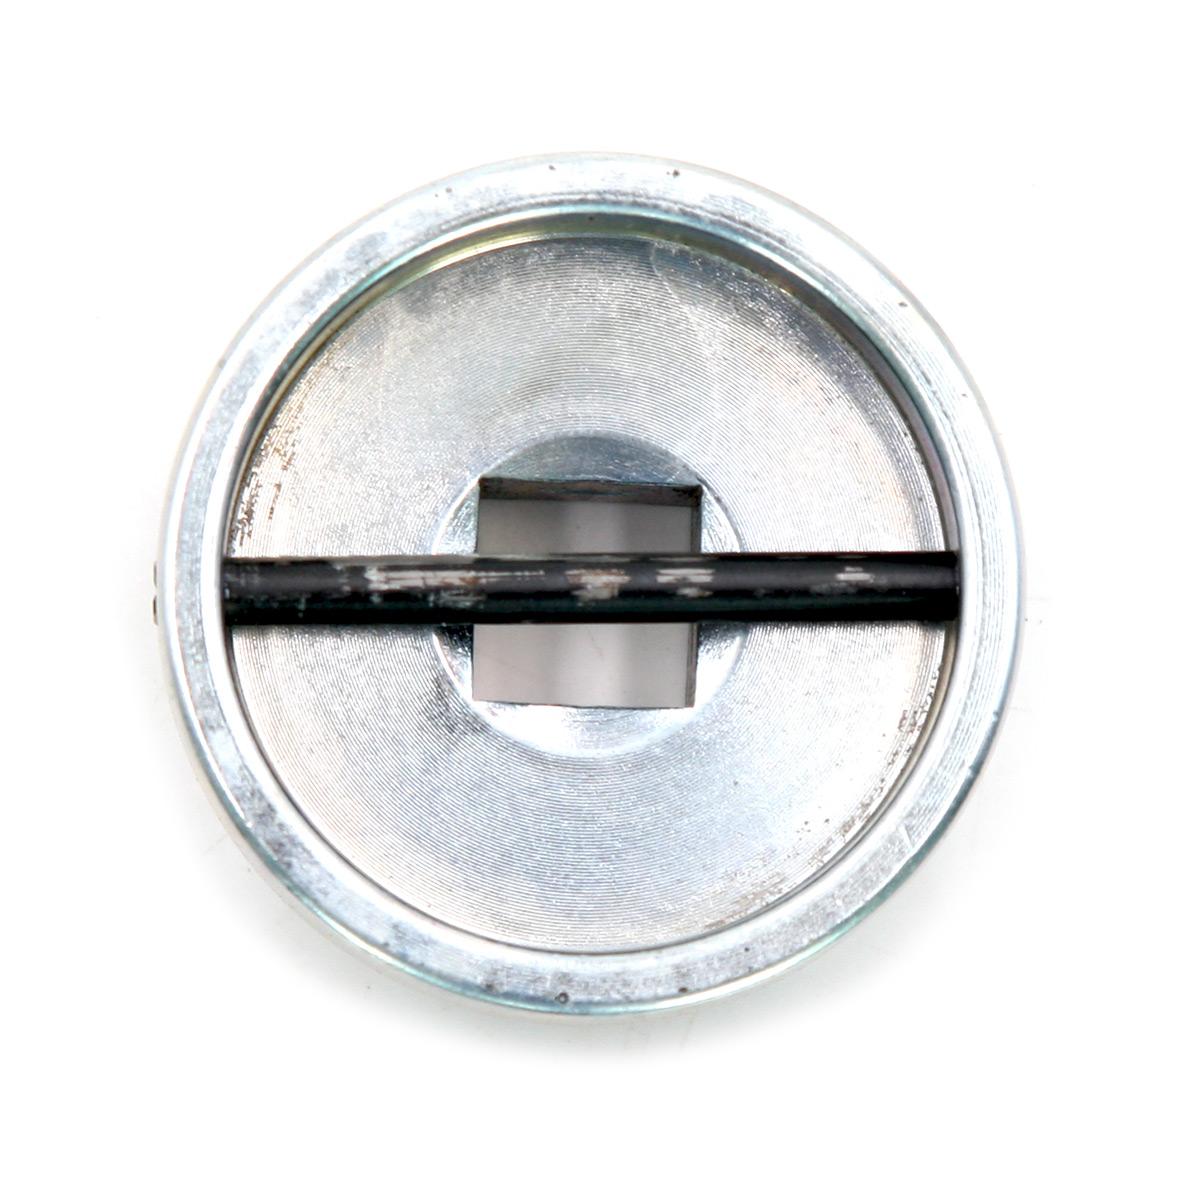 Ключ масляного фильтра Car tool для Volkswagen/Audi